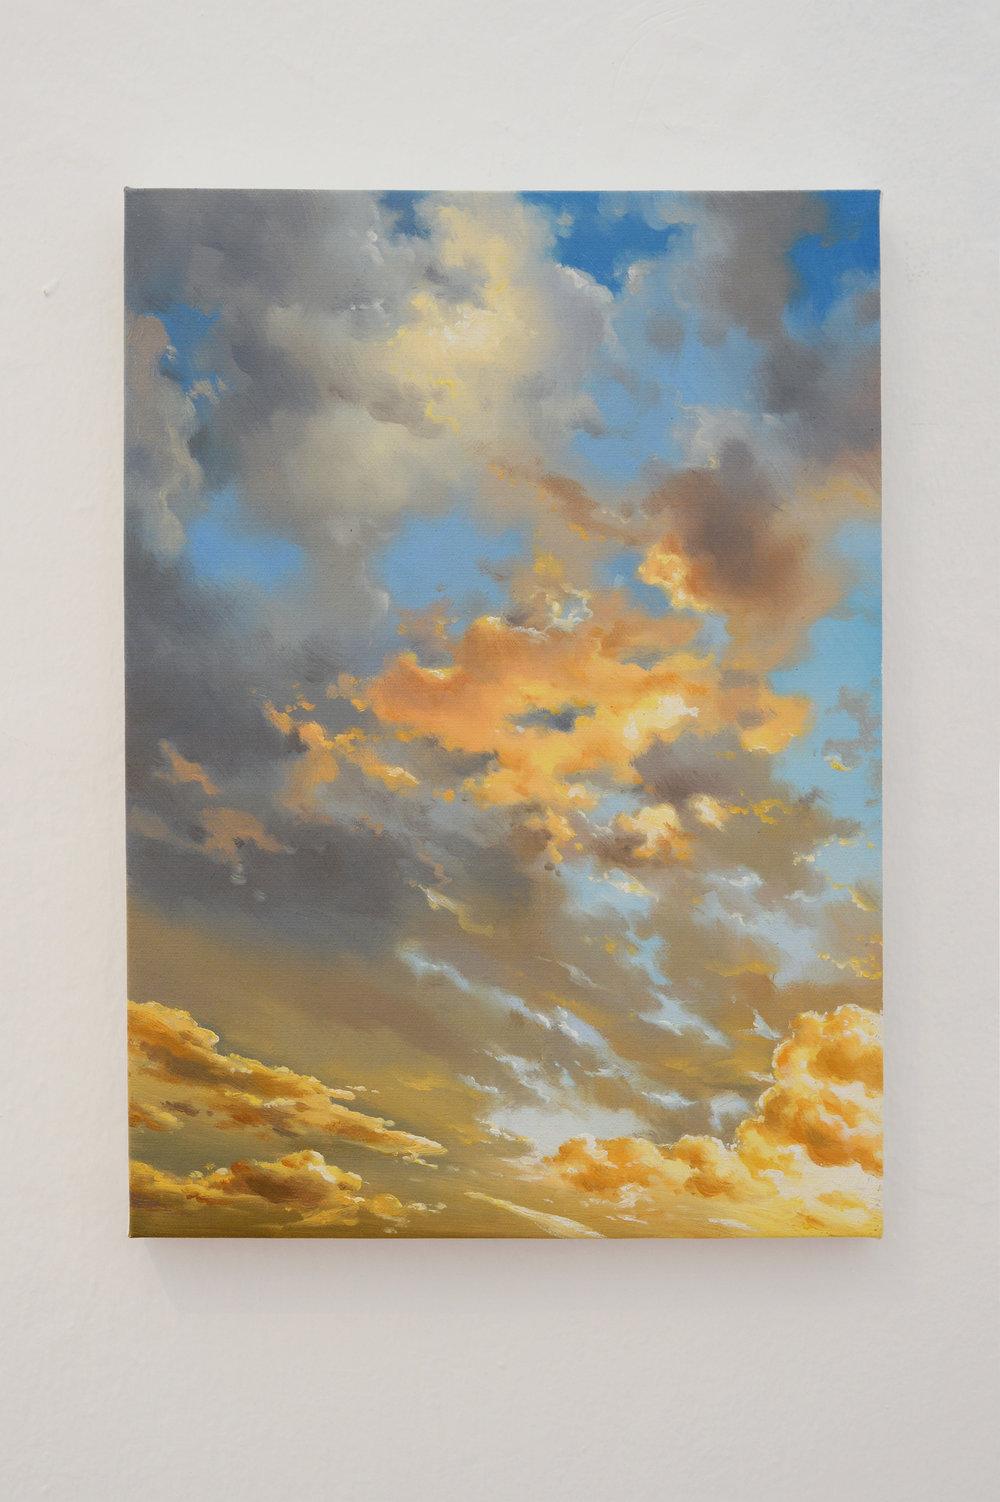 Cielo (Dafen), Huile sur toile, 33 x 46 cm, 2017